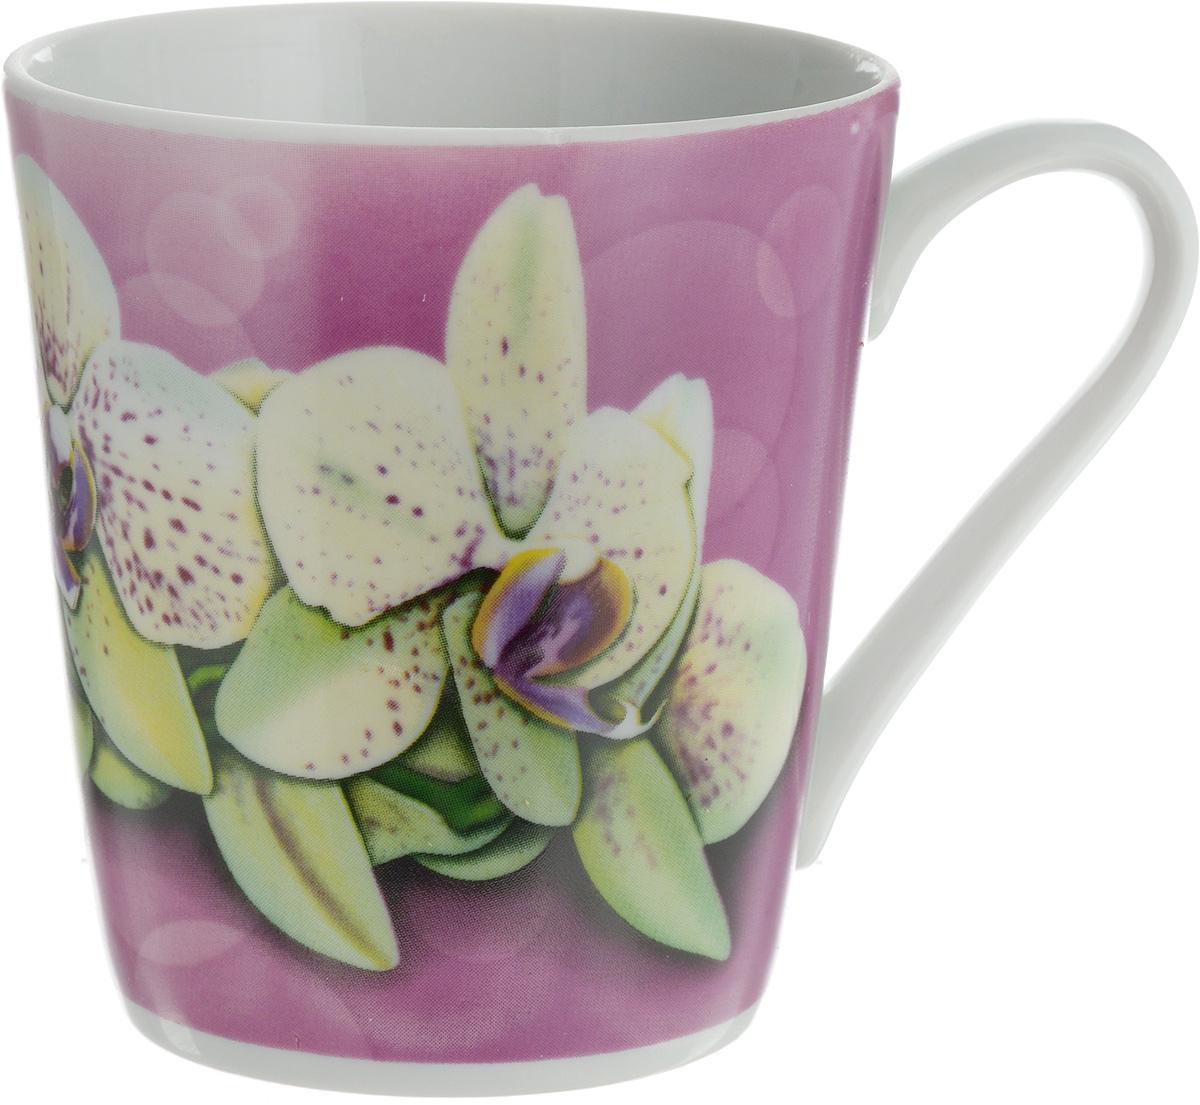 Кружка Классик. Орхидея, цвет: сиреневый, белый, 300 мл3С0493_сиреневый, белая орхидеяКружка Классик. Орхидея изготовлена из высококачественного фарфора. Изделие оформлено красочным рисунком и покрыто превосходной сверкающей глазурью. Изысканная кружка прекрасно оформит стол к чаепитию и станет его неизменным атрибутом.Диаметр кружки (по верхнему краю): 8,5 см.Высота кружки: 9,5 см.